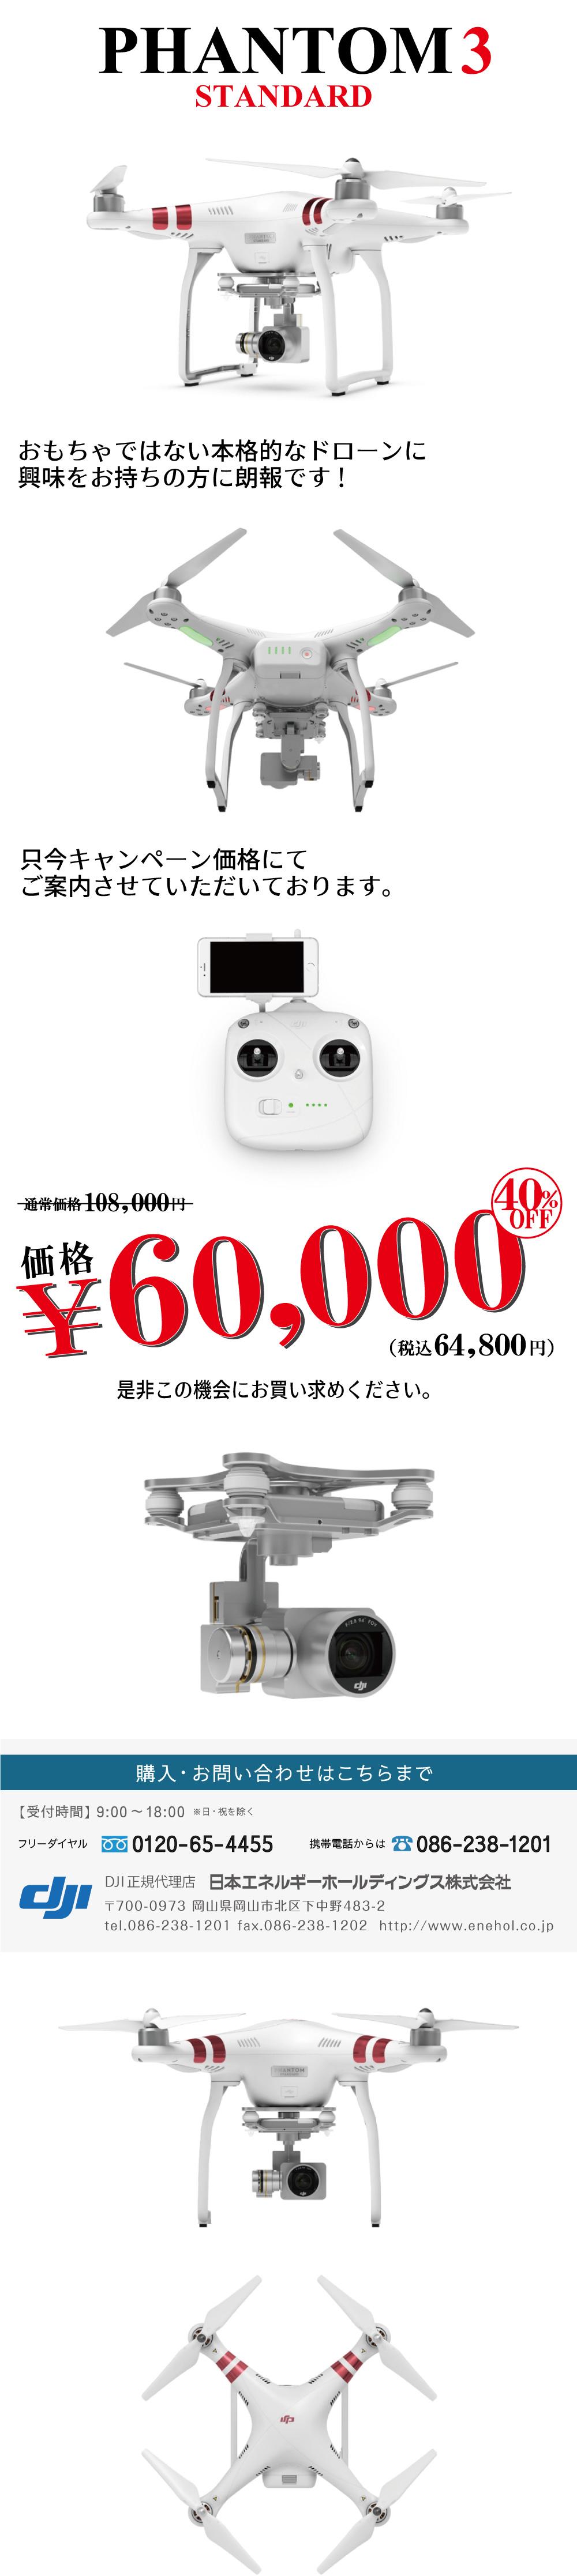 日本エネルギーホールディングス株式会社│ドローン